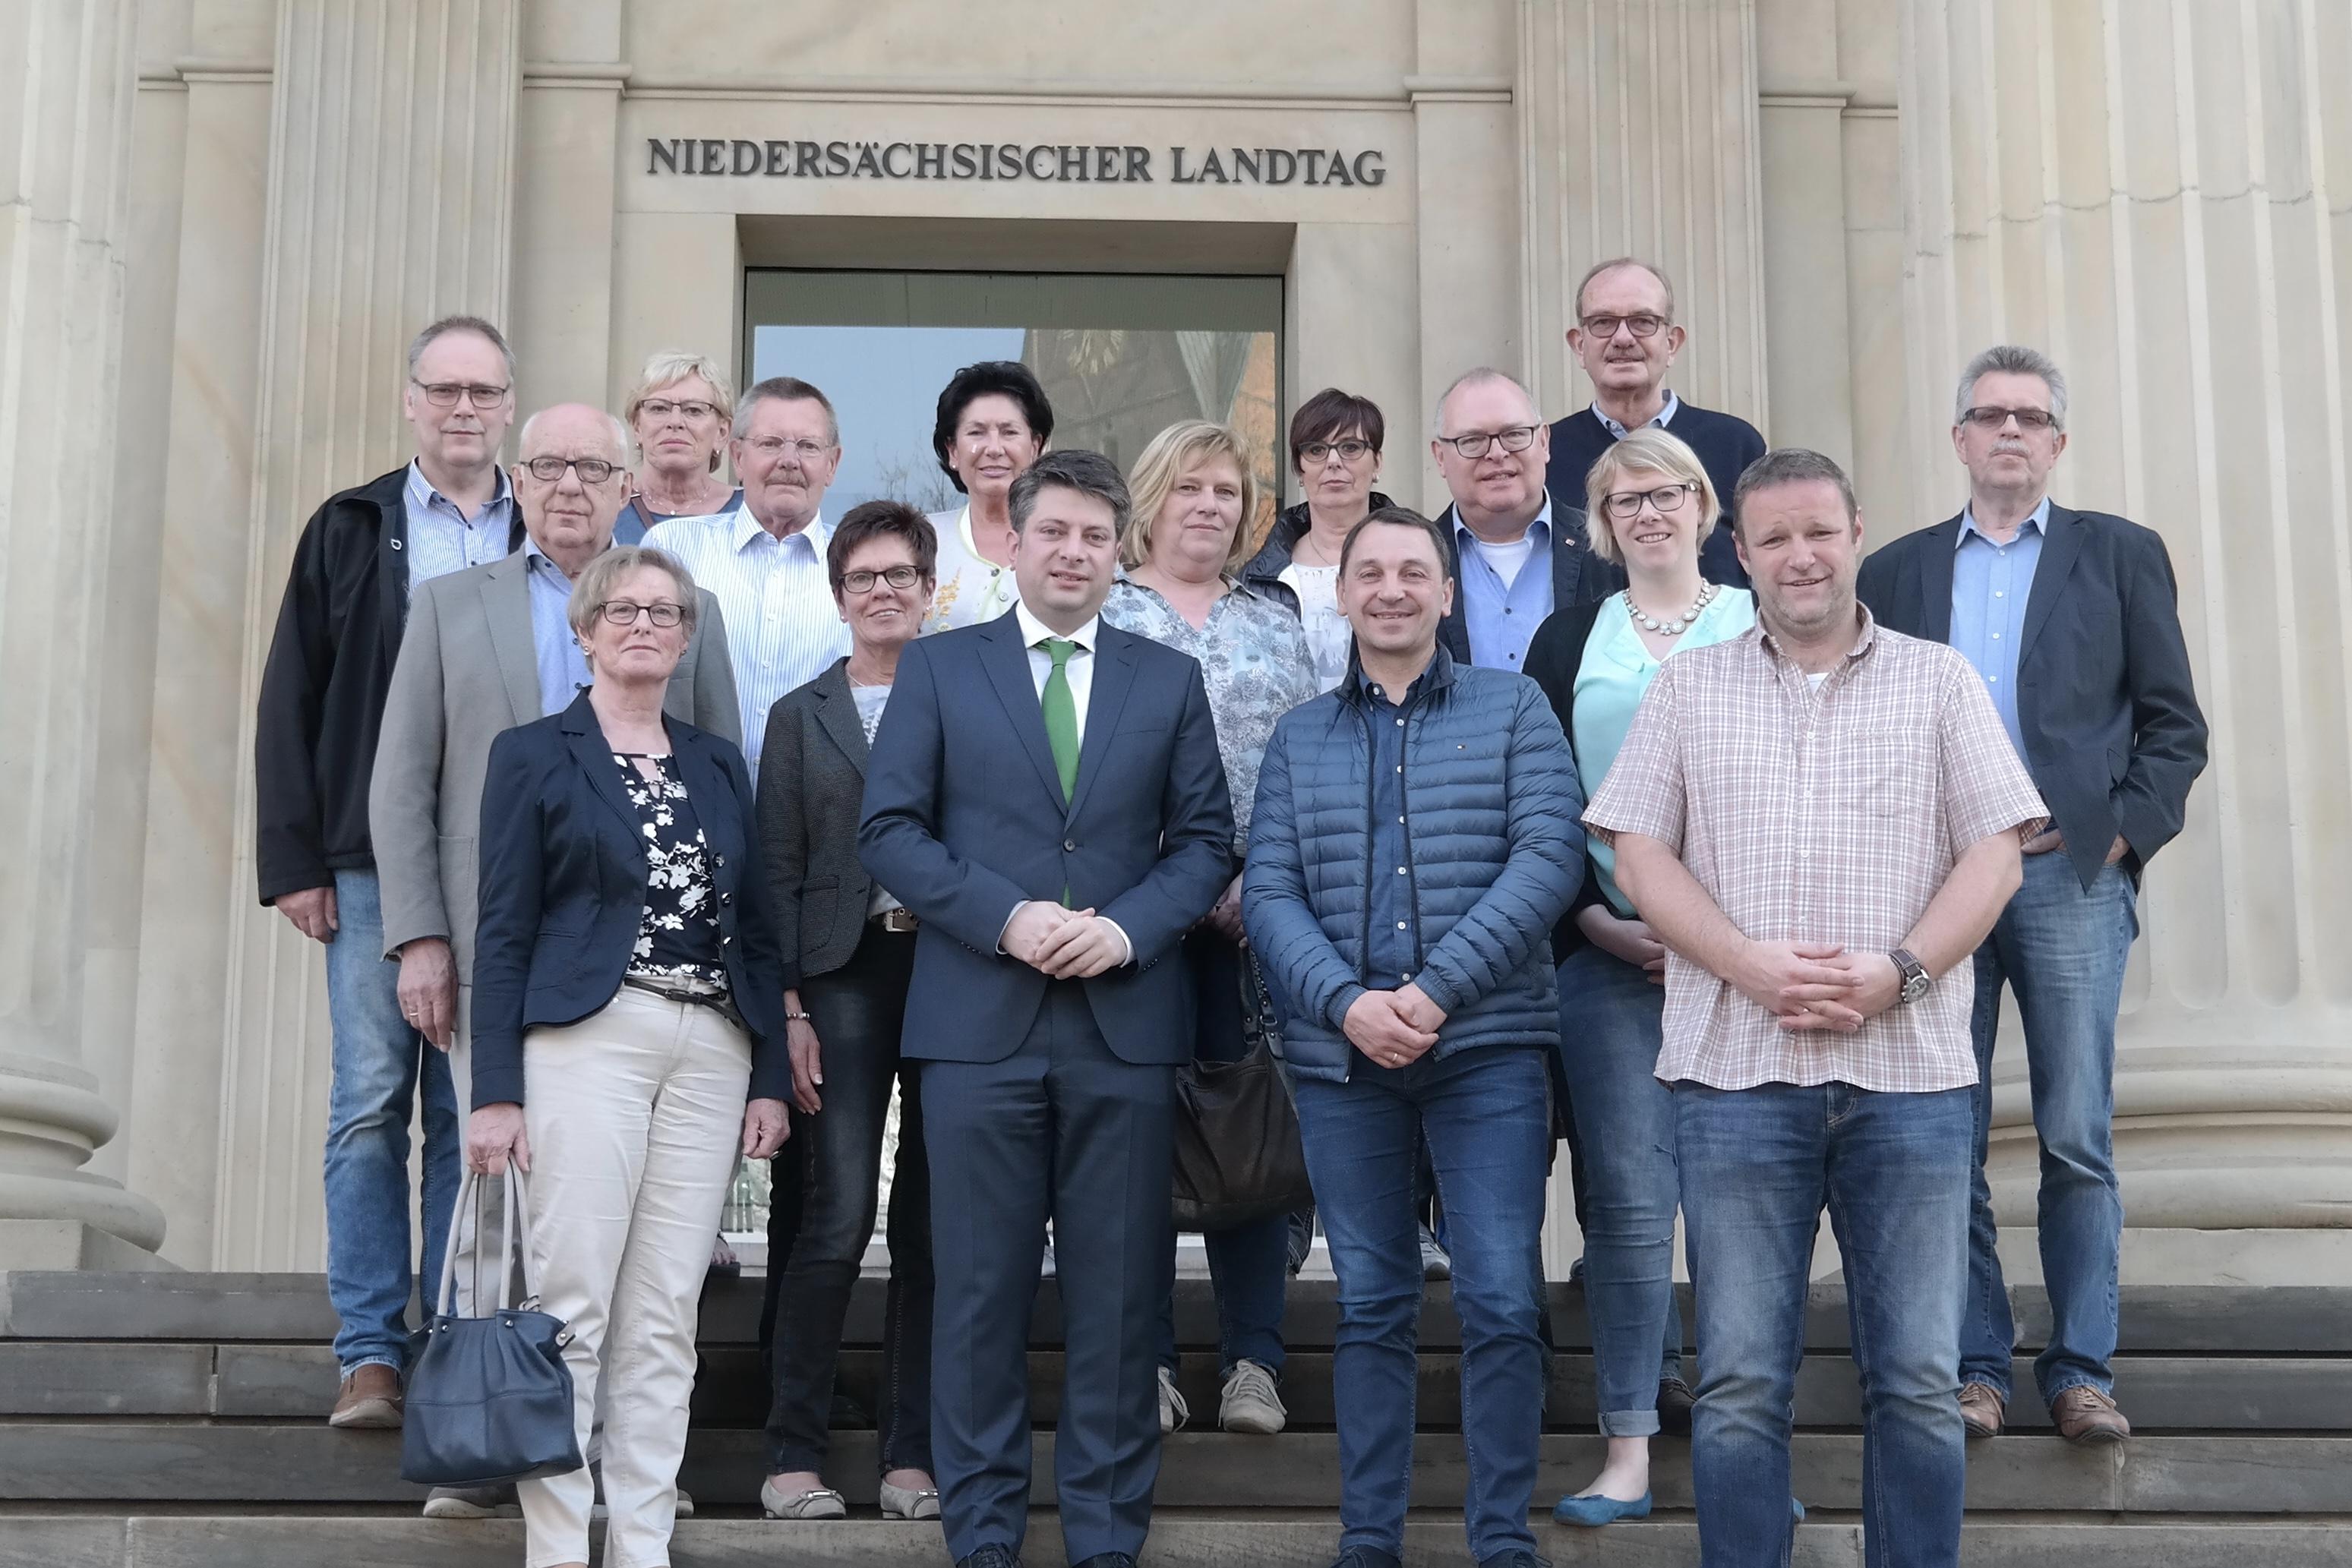 Vertreter der CDU-Alfhausen zu Besuch im Niedersächsischen Landtag.